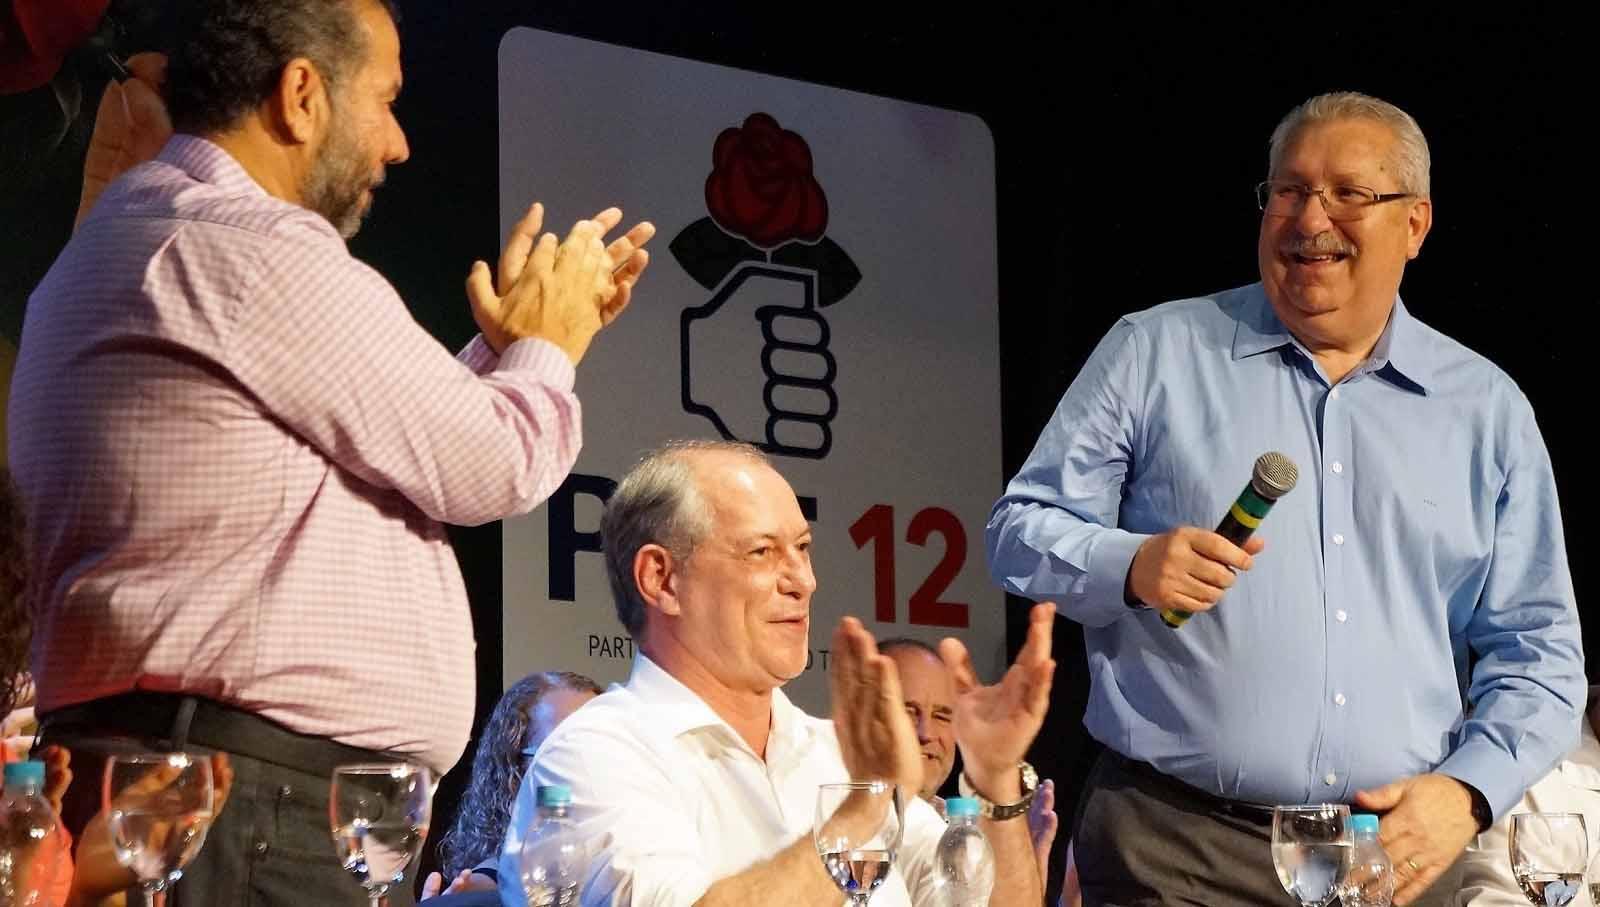 Contra a polarização, 'Agora é Ciro' chega à capital de SP com Antonio Neto e Nelson Marconi